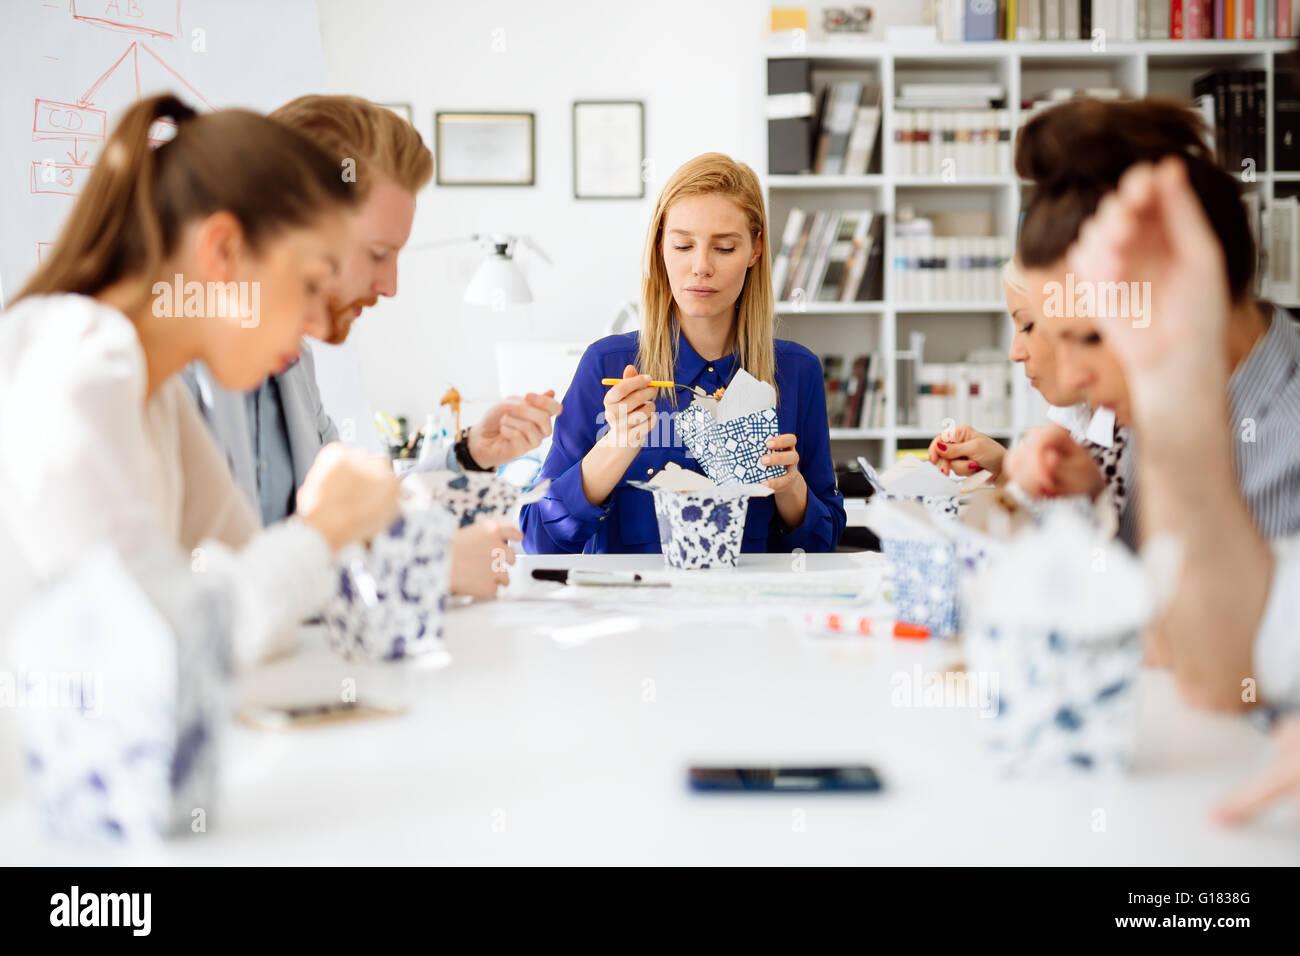 Kollegen Im Buro Wahrend Der Mittagspause Essen Stockfoto Bild